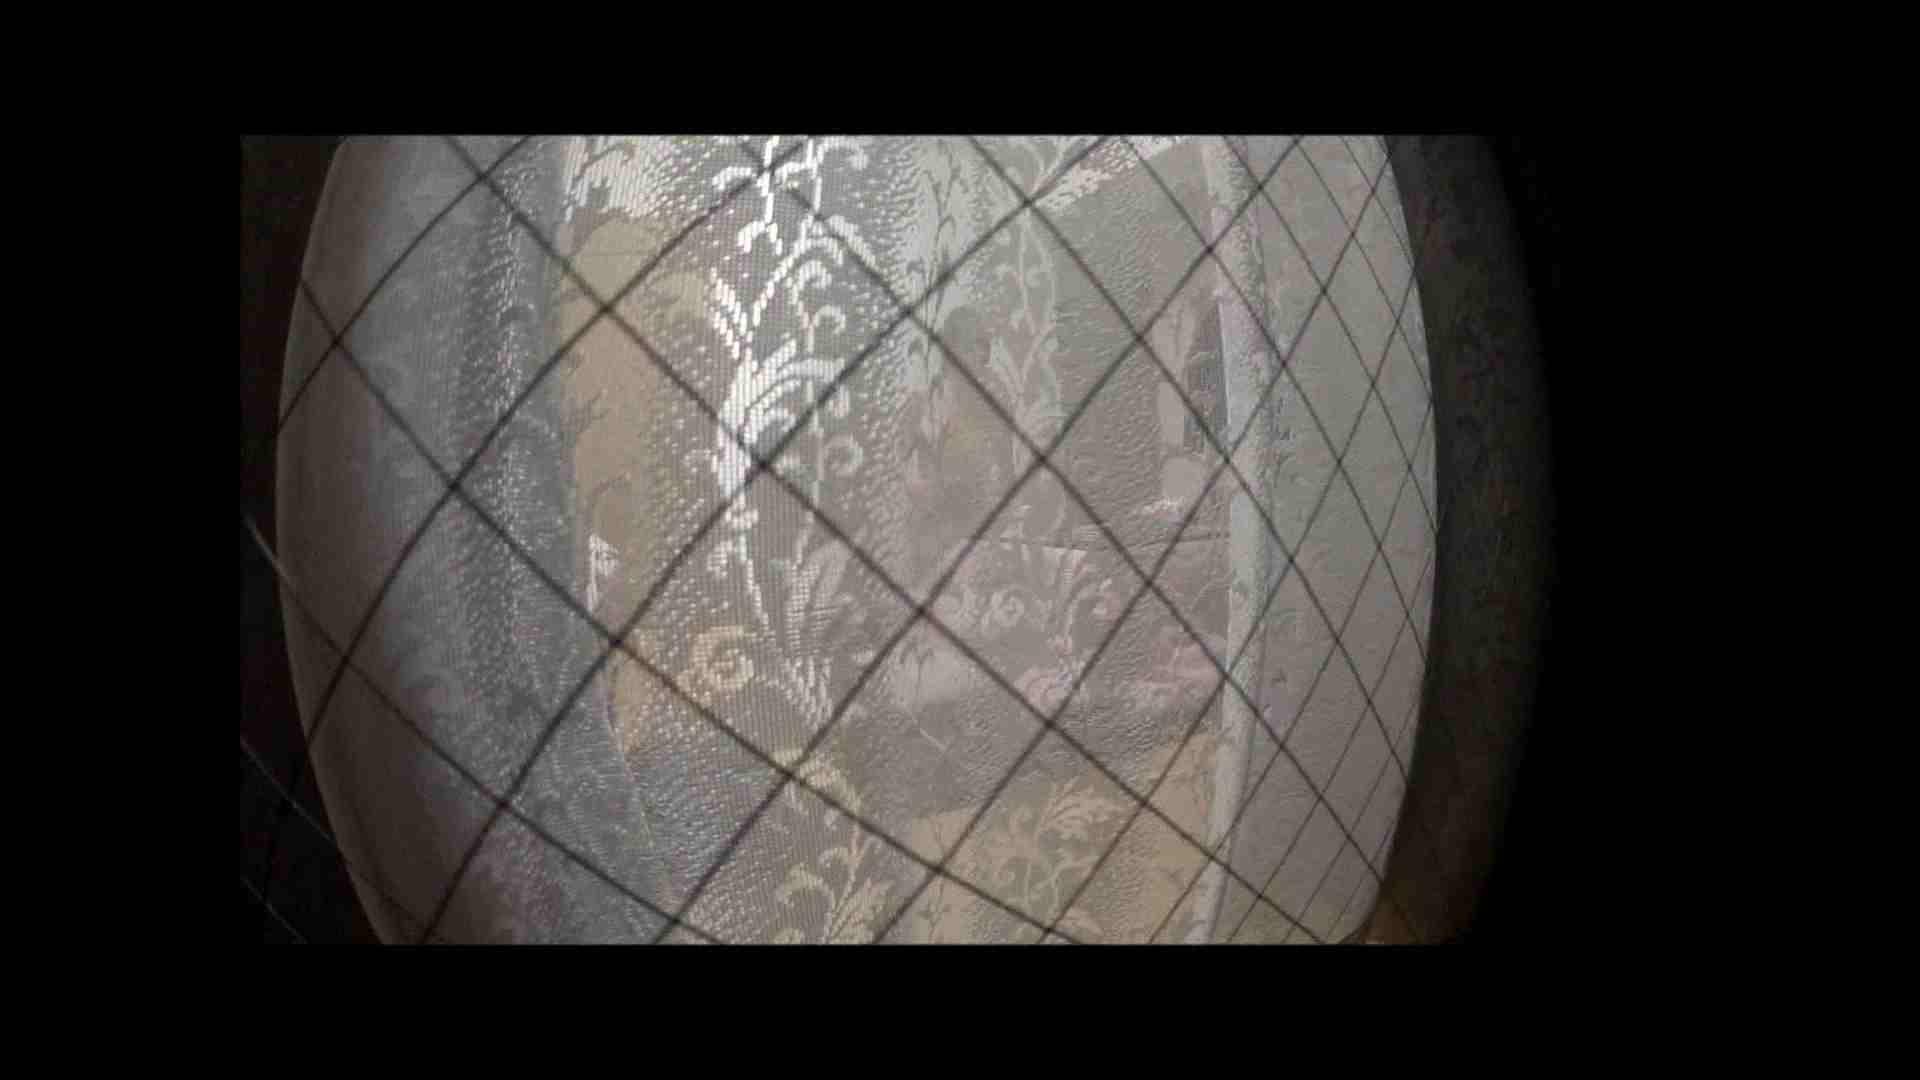 【04】別の日・・・魚眼レンズで広角に撮れました。 Hな熟女 えろ無修正画像 111pic 31